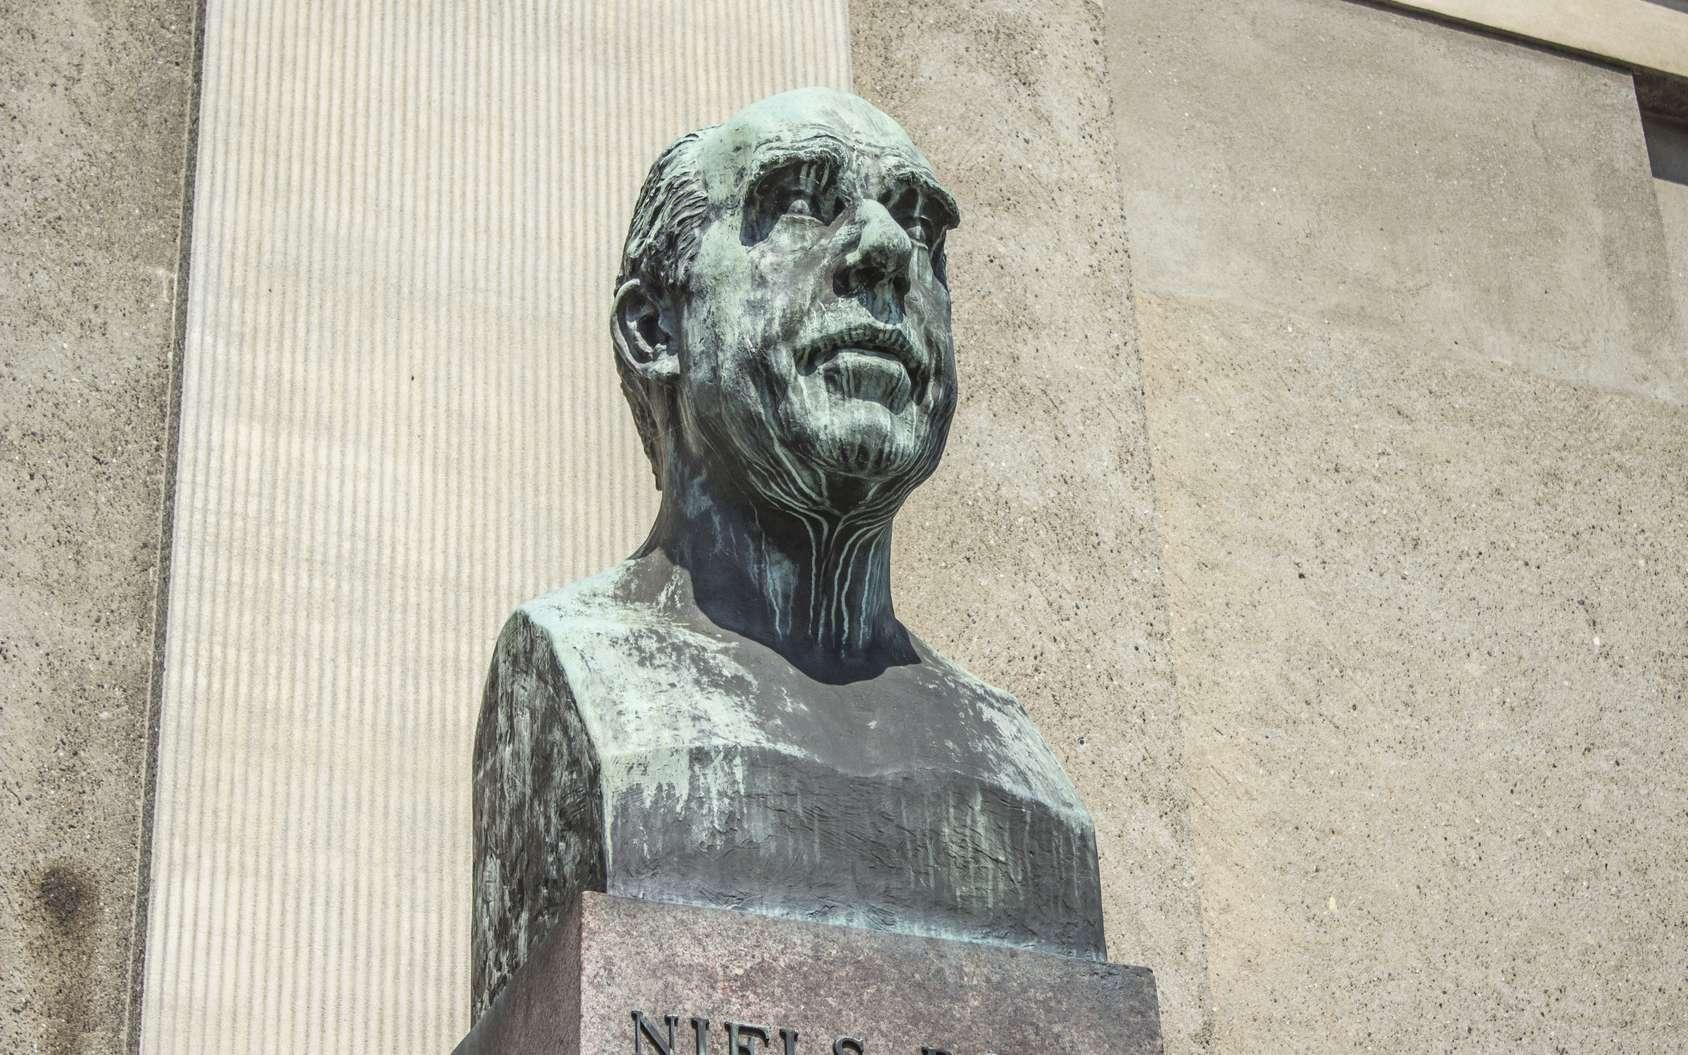 Buste de Niels Bohr. © pixs:sell, Fotolia